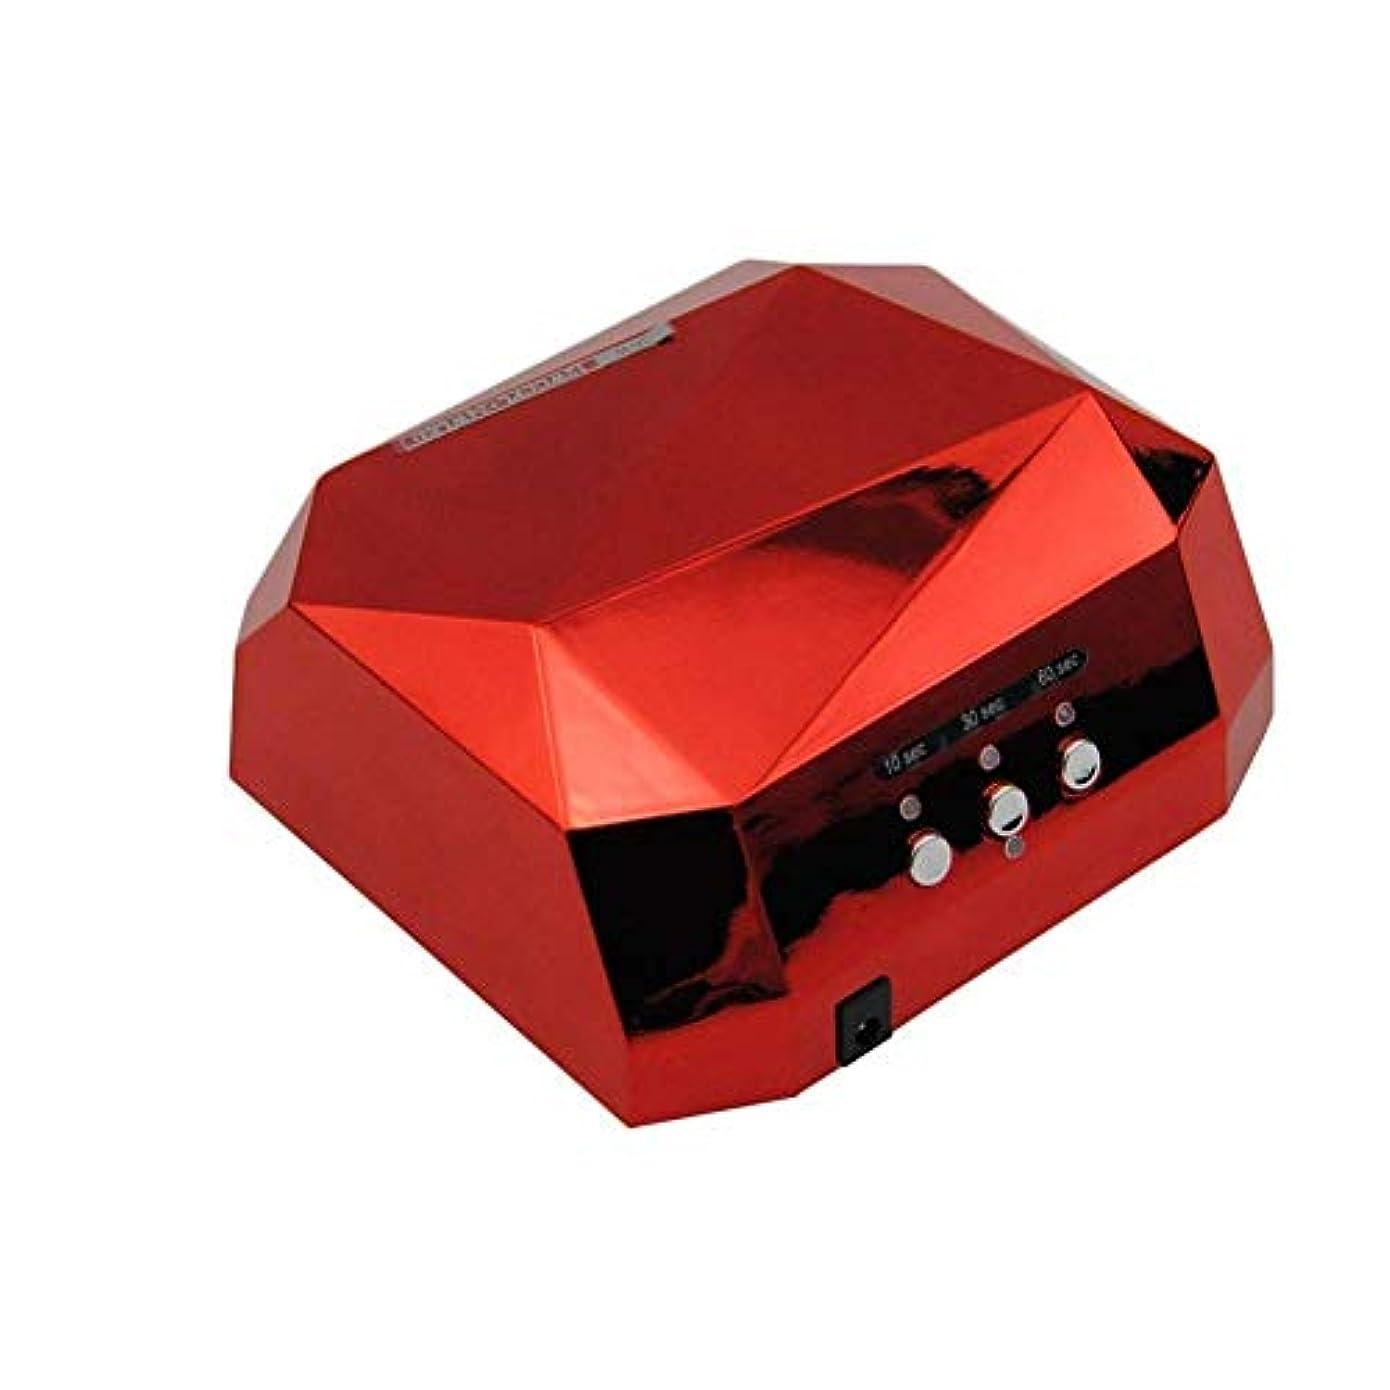 協力的応じる実際のネイルドライヤーランプネイルドライヤーLEDドライヤーネイルダイヤモンド形36W UVランプUV硬化ゲルネイルポリッシュEU USプラグジェルネイルドライヤーランプ、写真の色